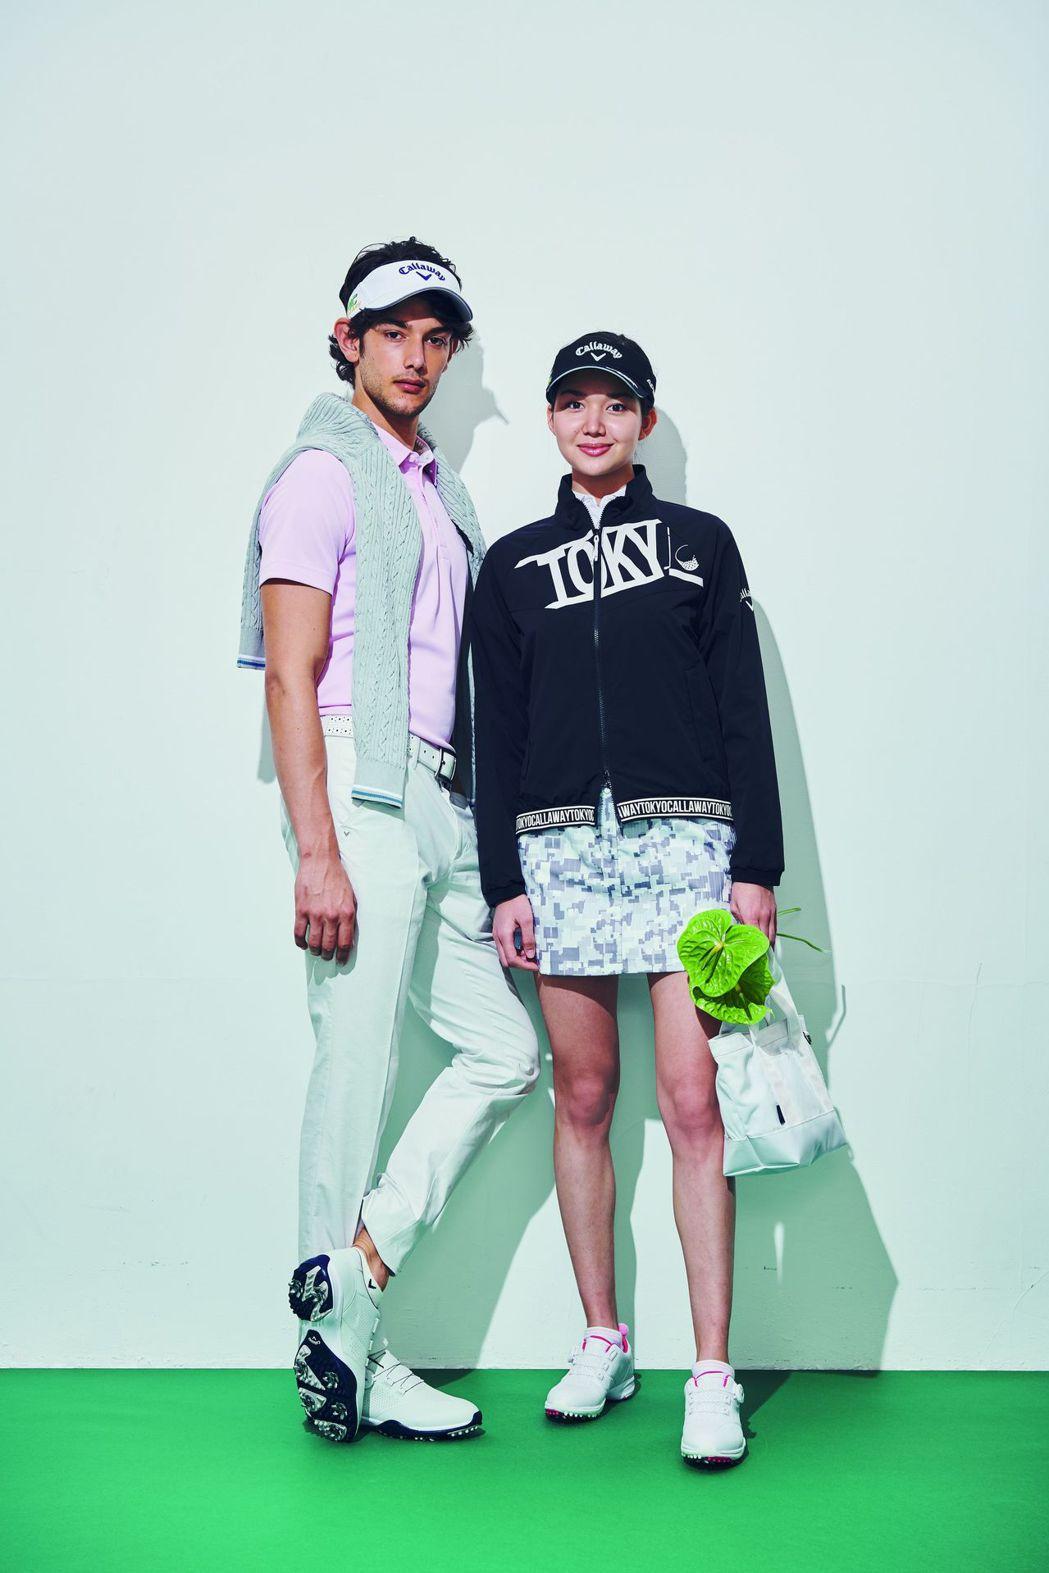 亞洲知名高爾夫服裝品牌Callaway Apparel訂3月1日重磅登台。 倫華...